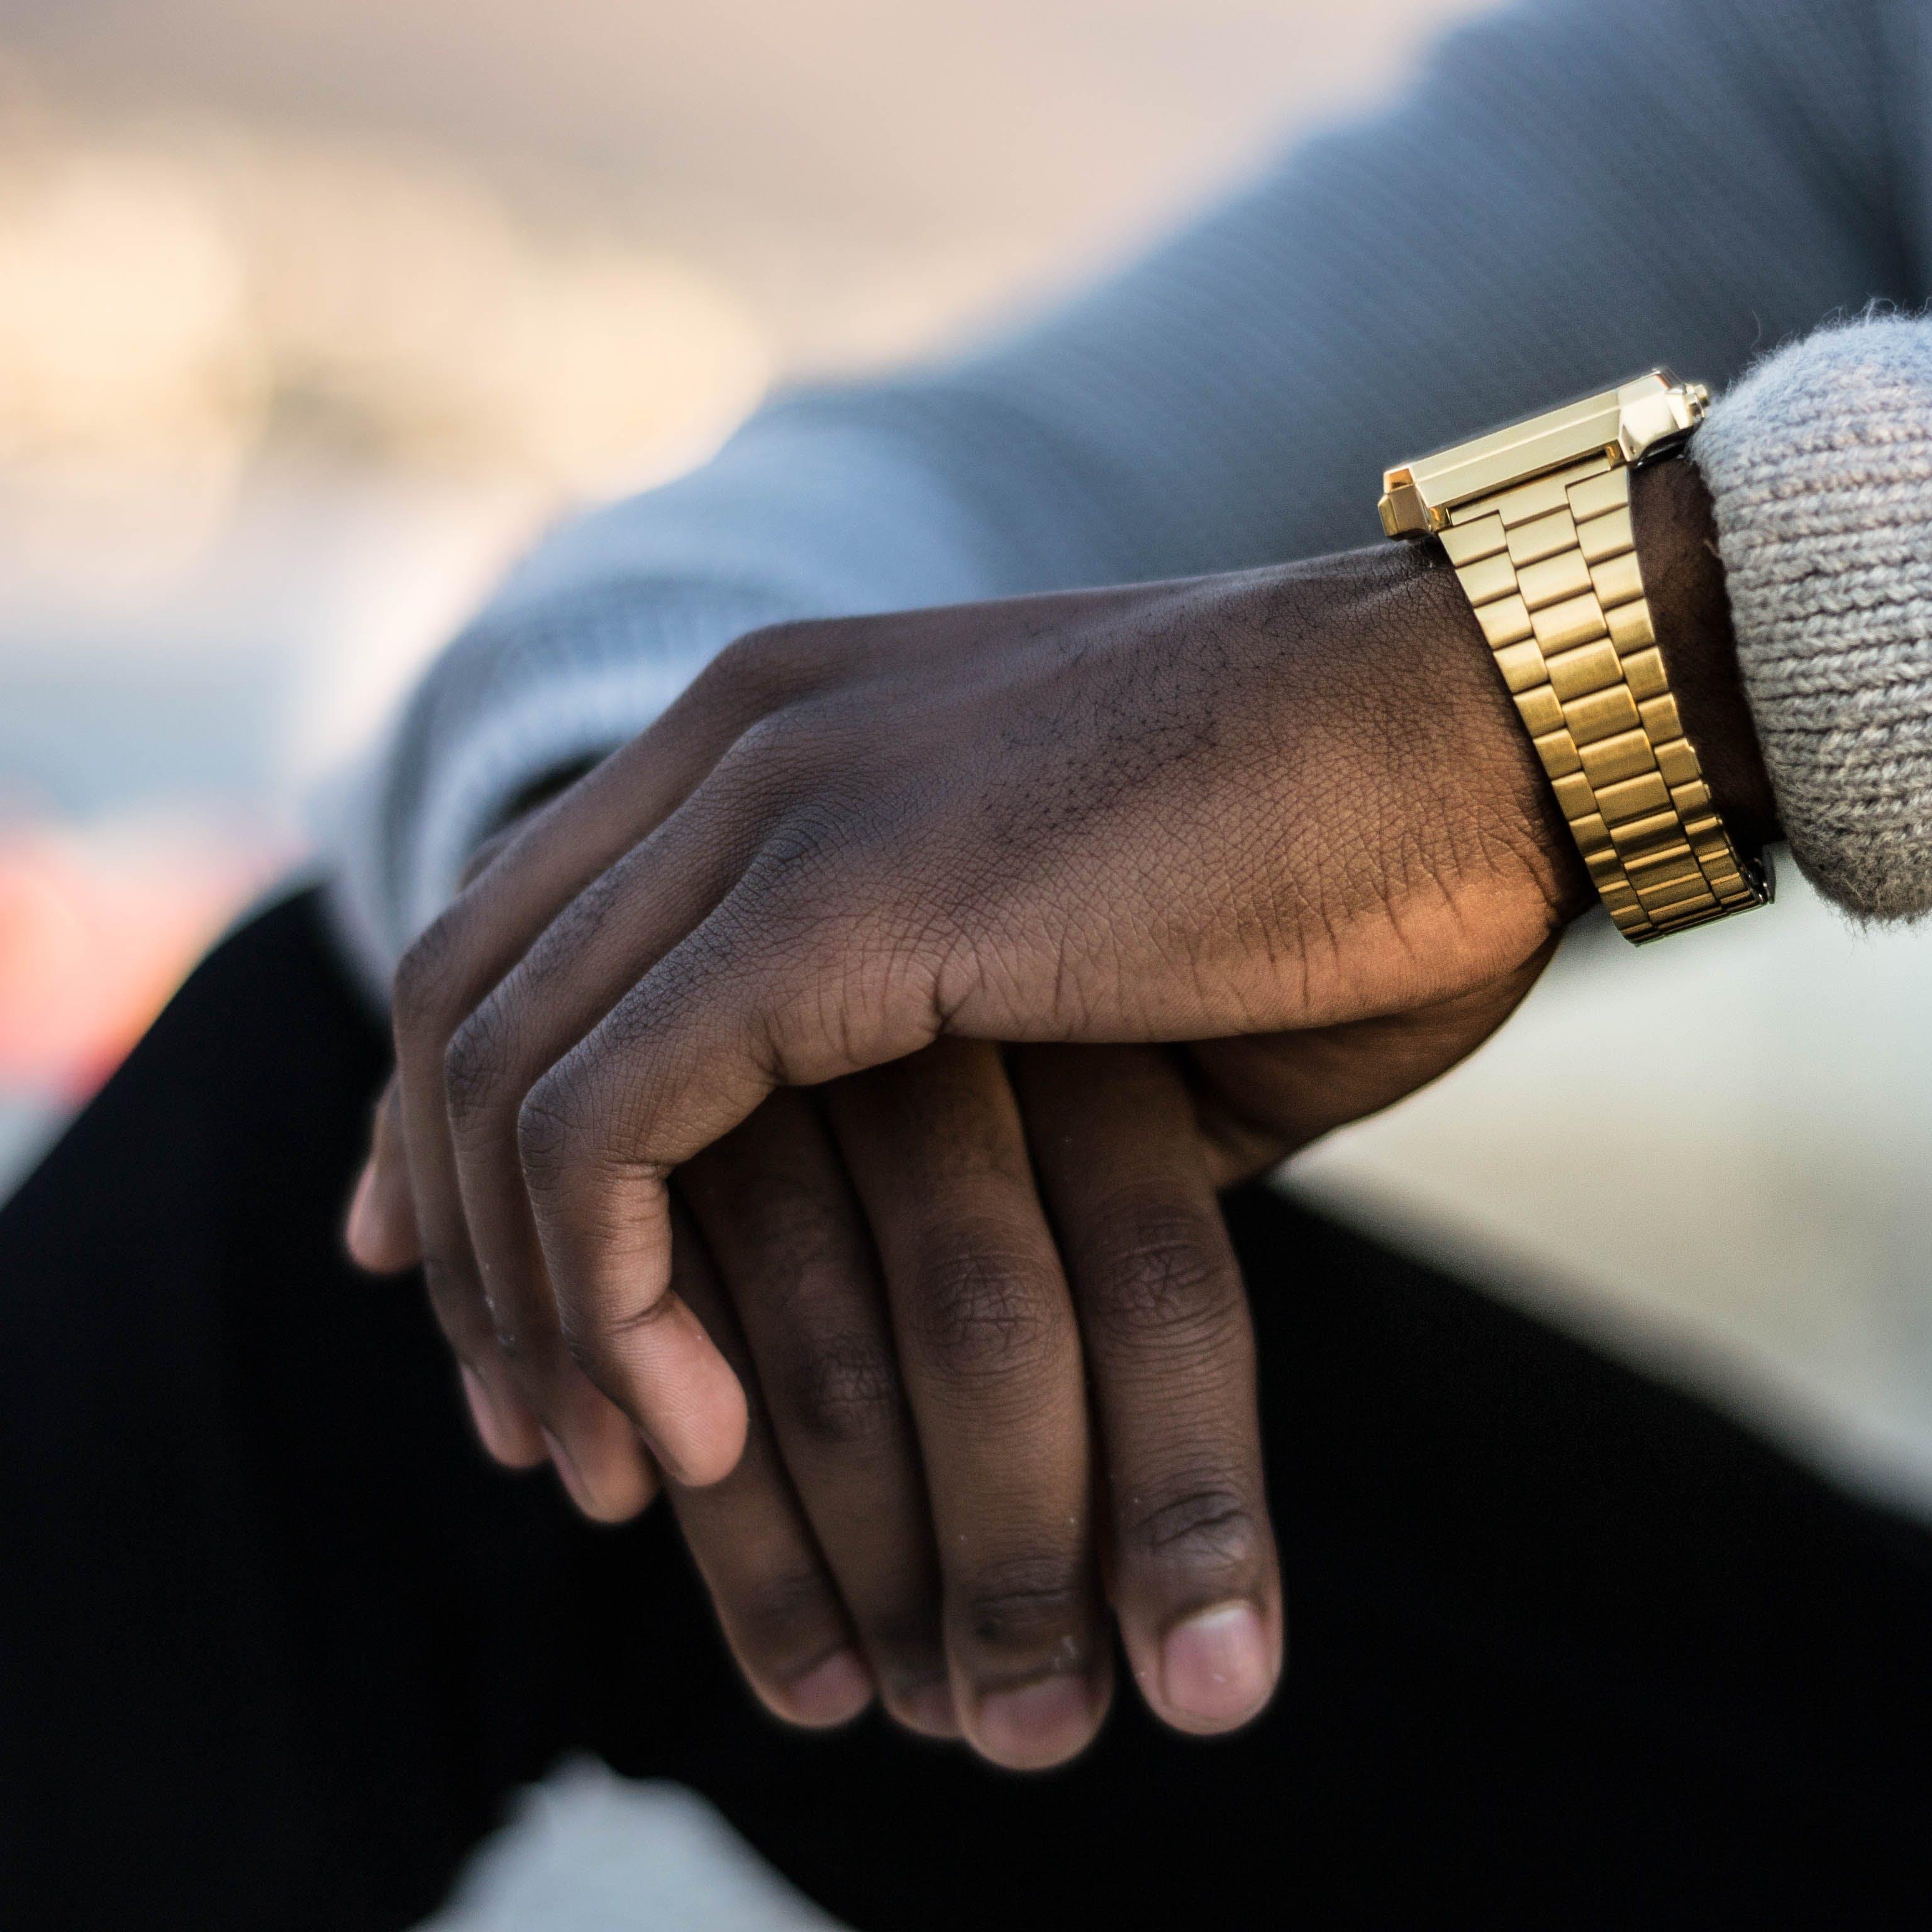 人, 手, 手錶, 時尚 的 免費圖庫相片